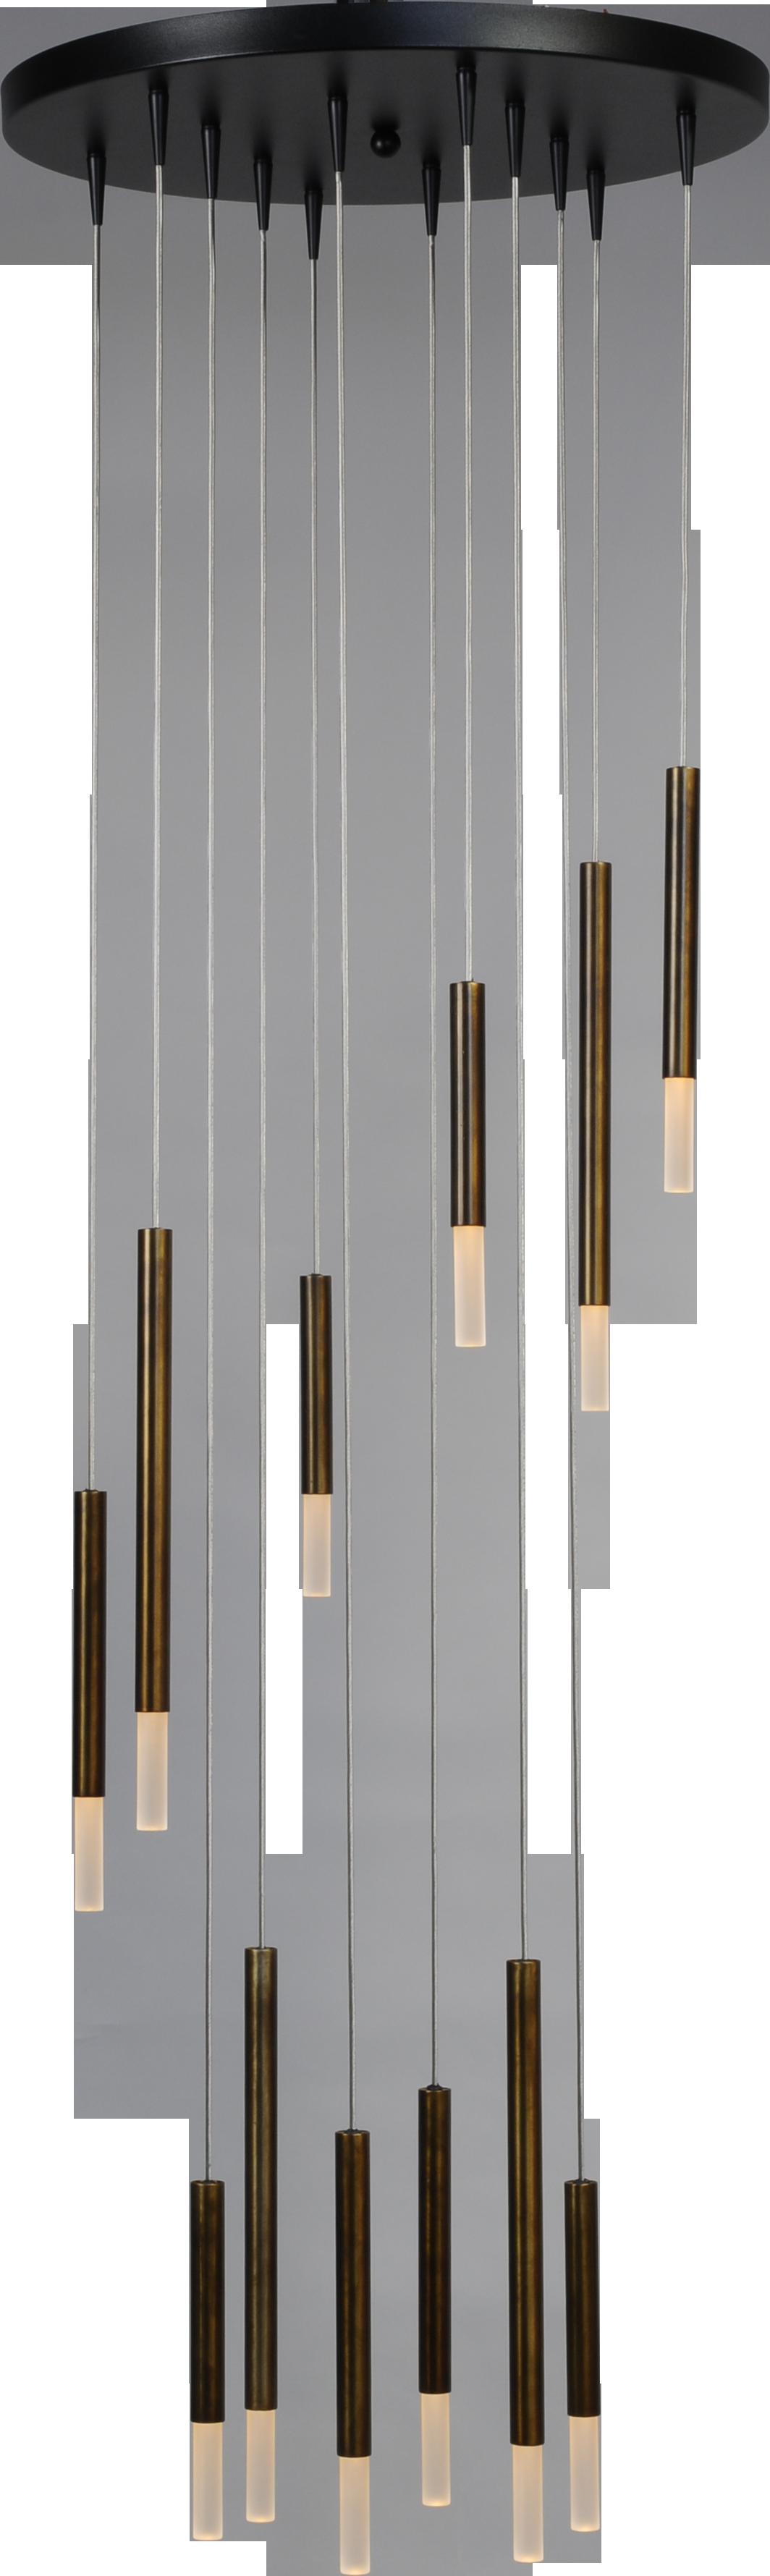 Flute HL FLUTE 12LTS BLACK/ANTIQUE BRASS Ø50CM